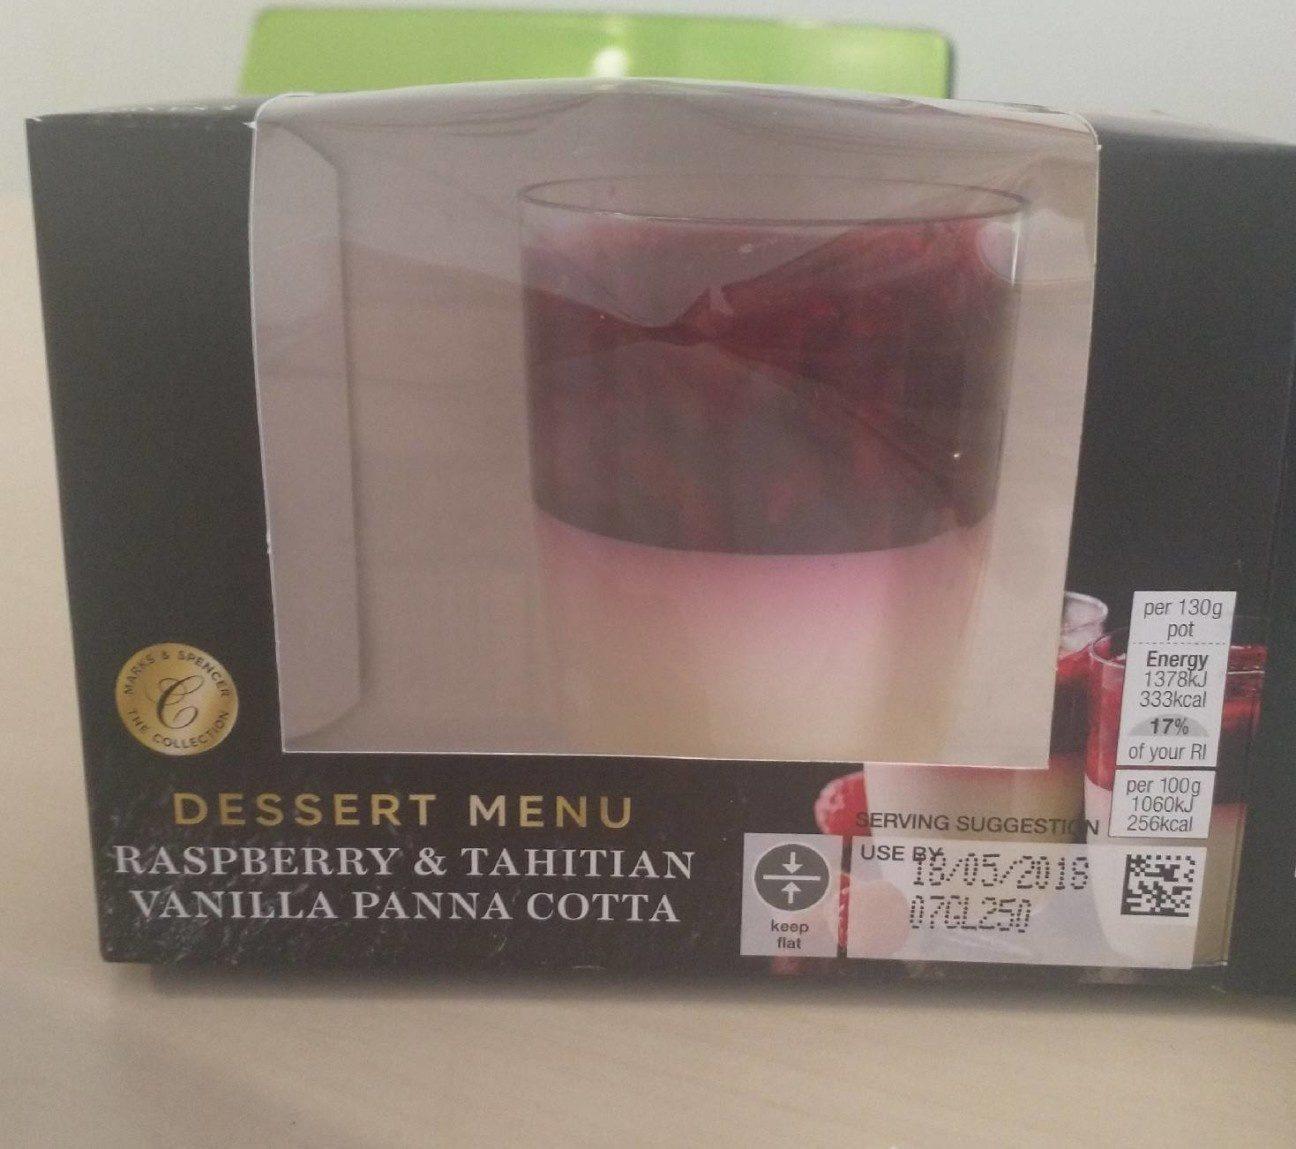 Raspberry & Tahitian Vanilla Panna Cotta - Product - fr